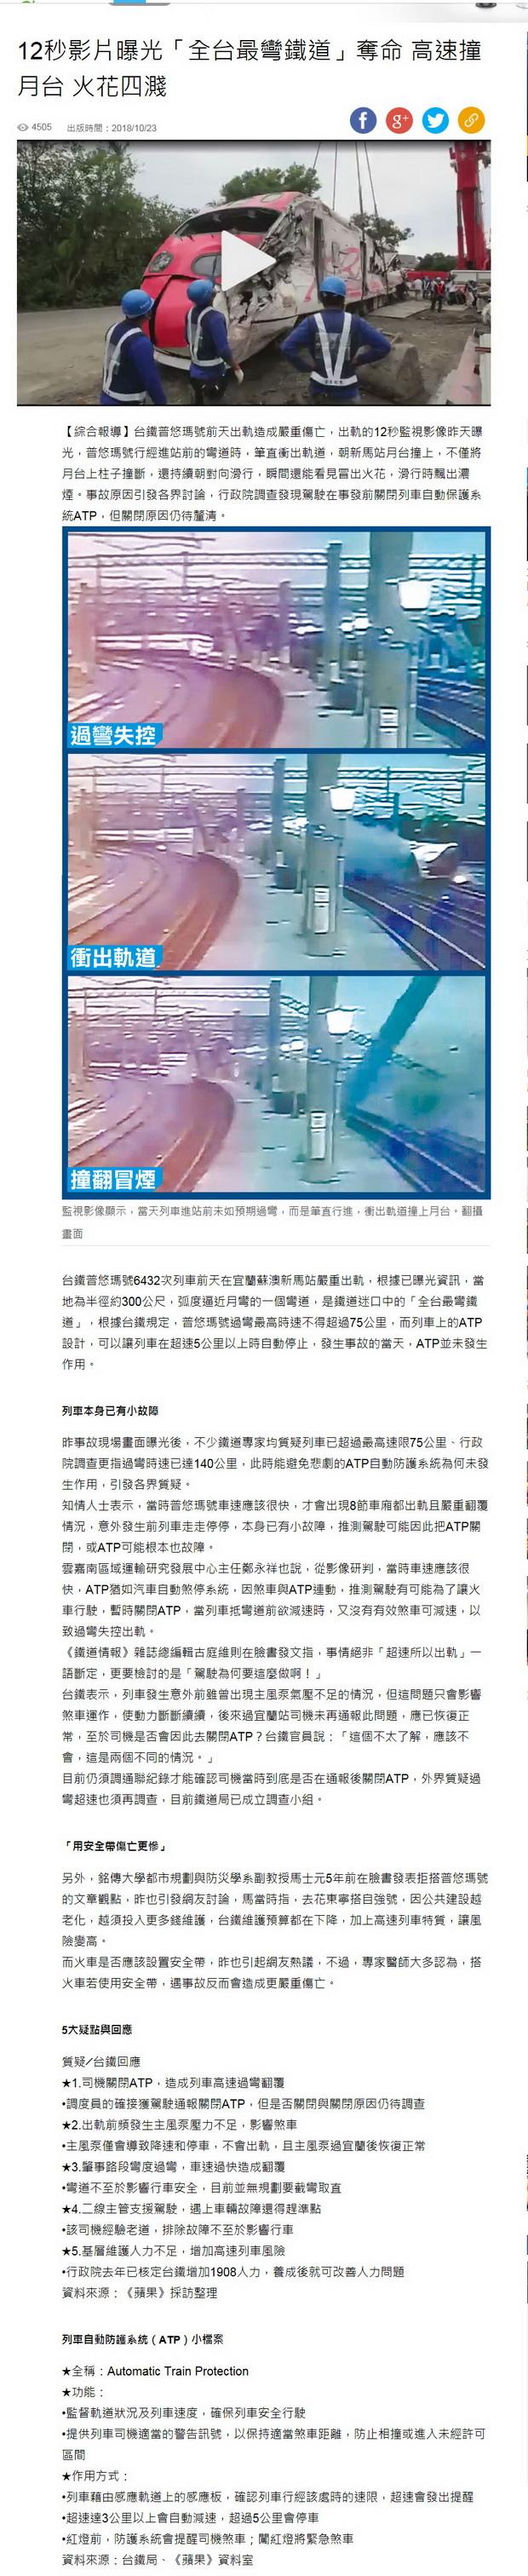 12秒影片曝光「全台最彎鐵道」奪命 高速撞月台 火花四濺-2018.10.23.jpg